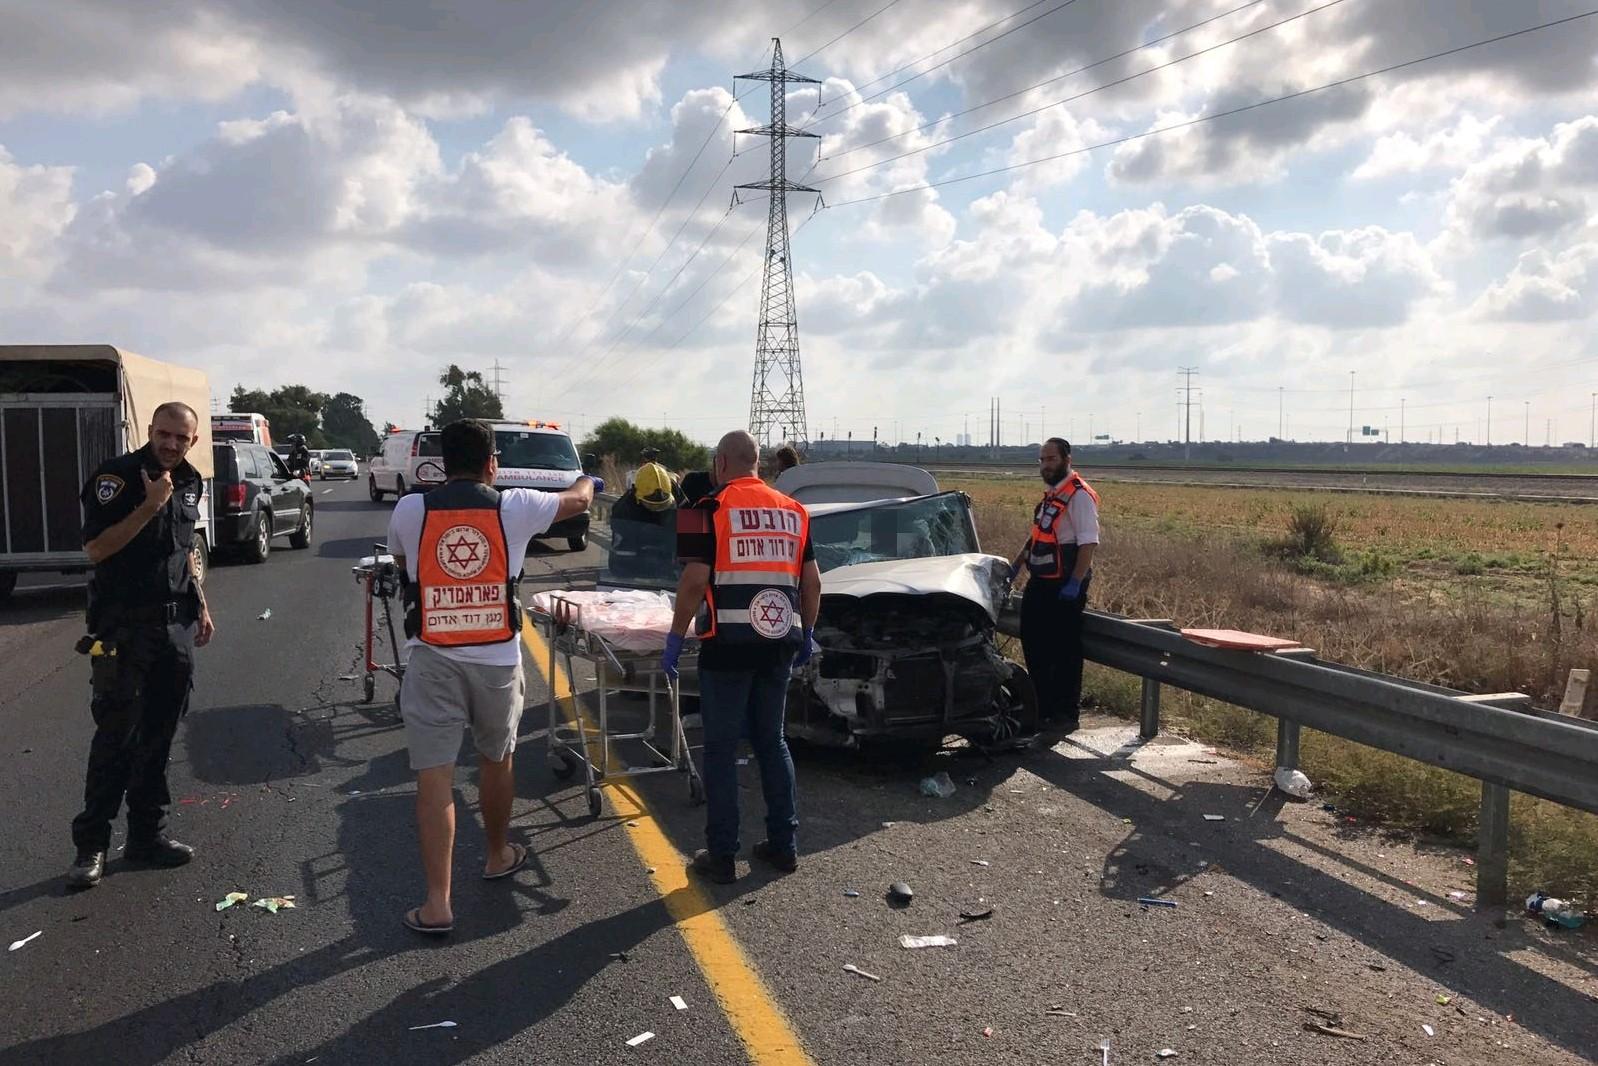 שישה פצועים בתאונת דרכים סמוך למחלף אשדוד